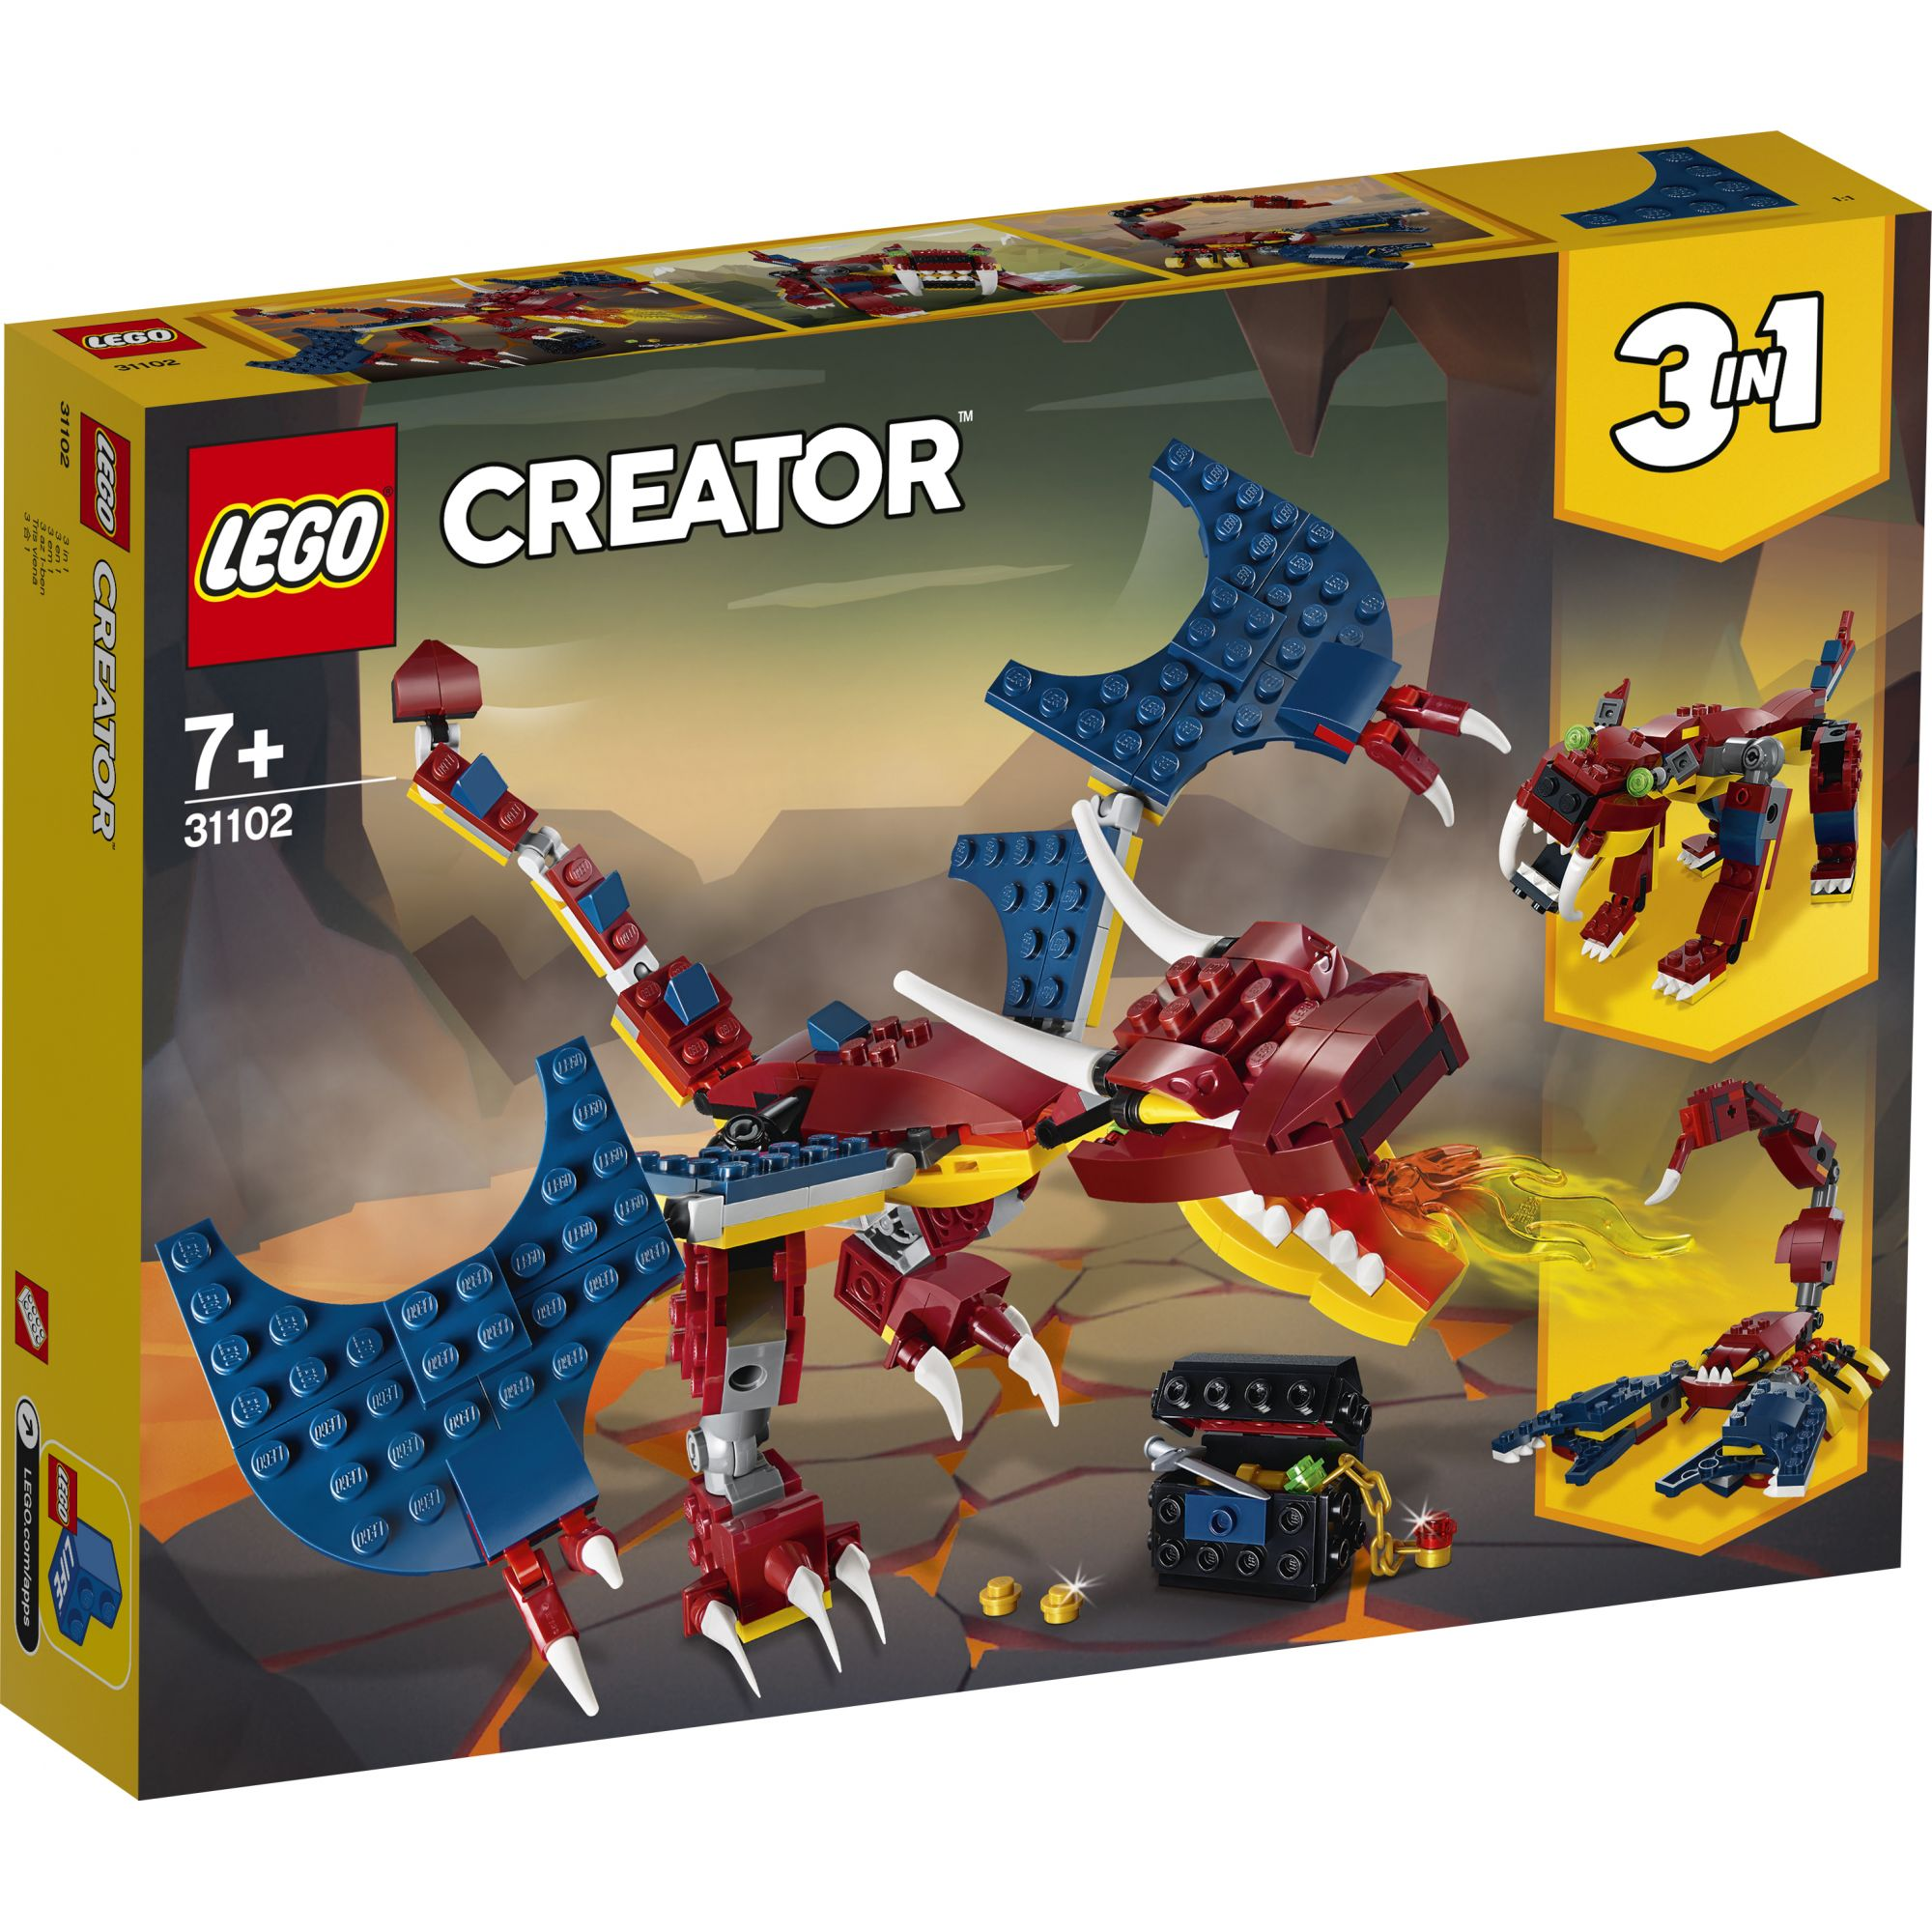 LEGO Creator Drago del fuoco - 31102 LEGO CREATOR